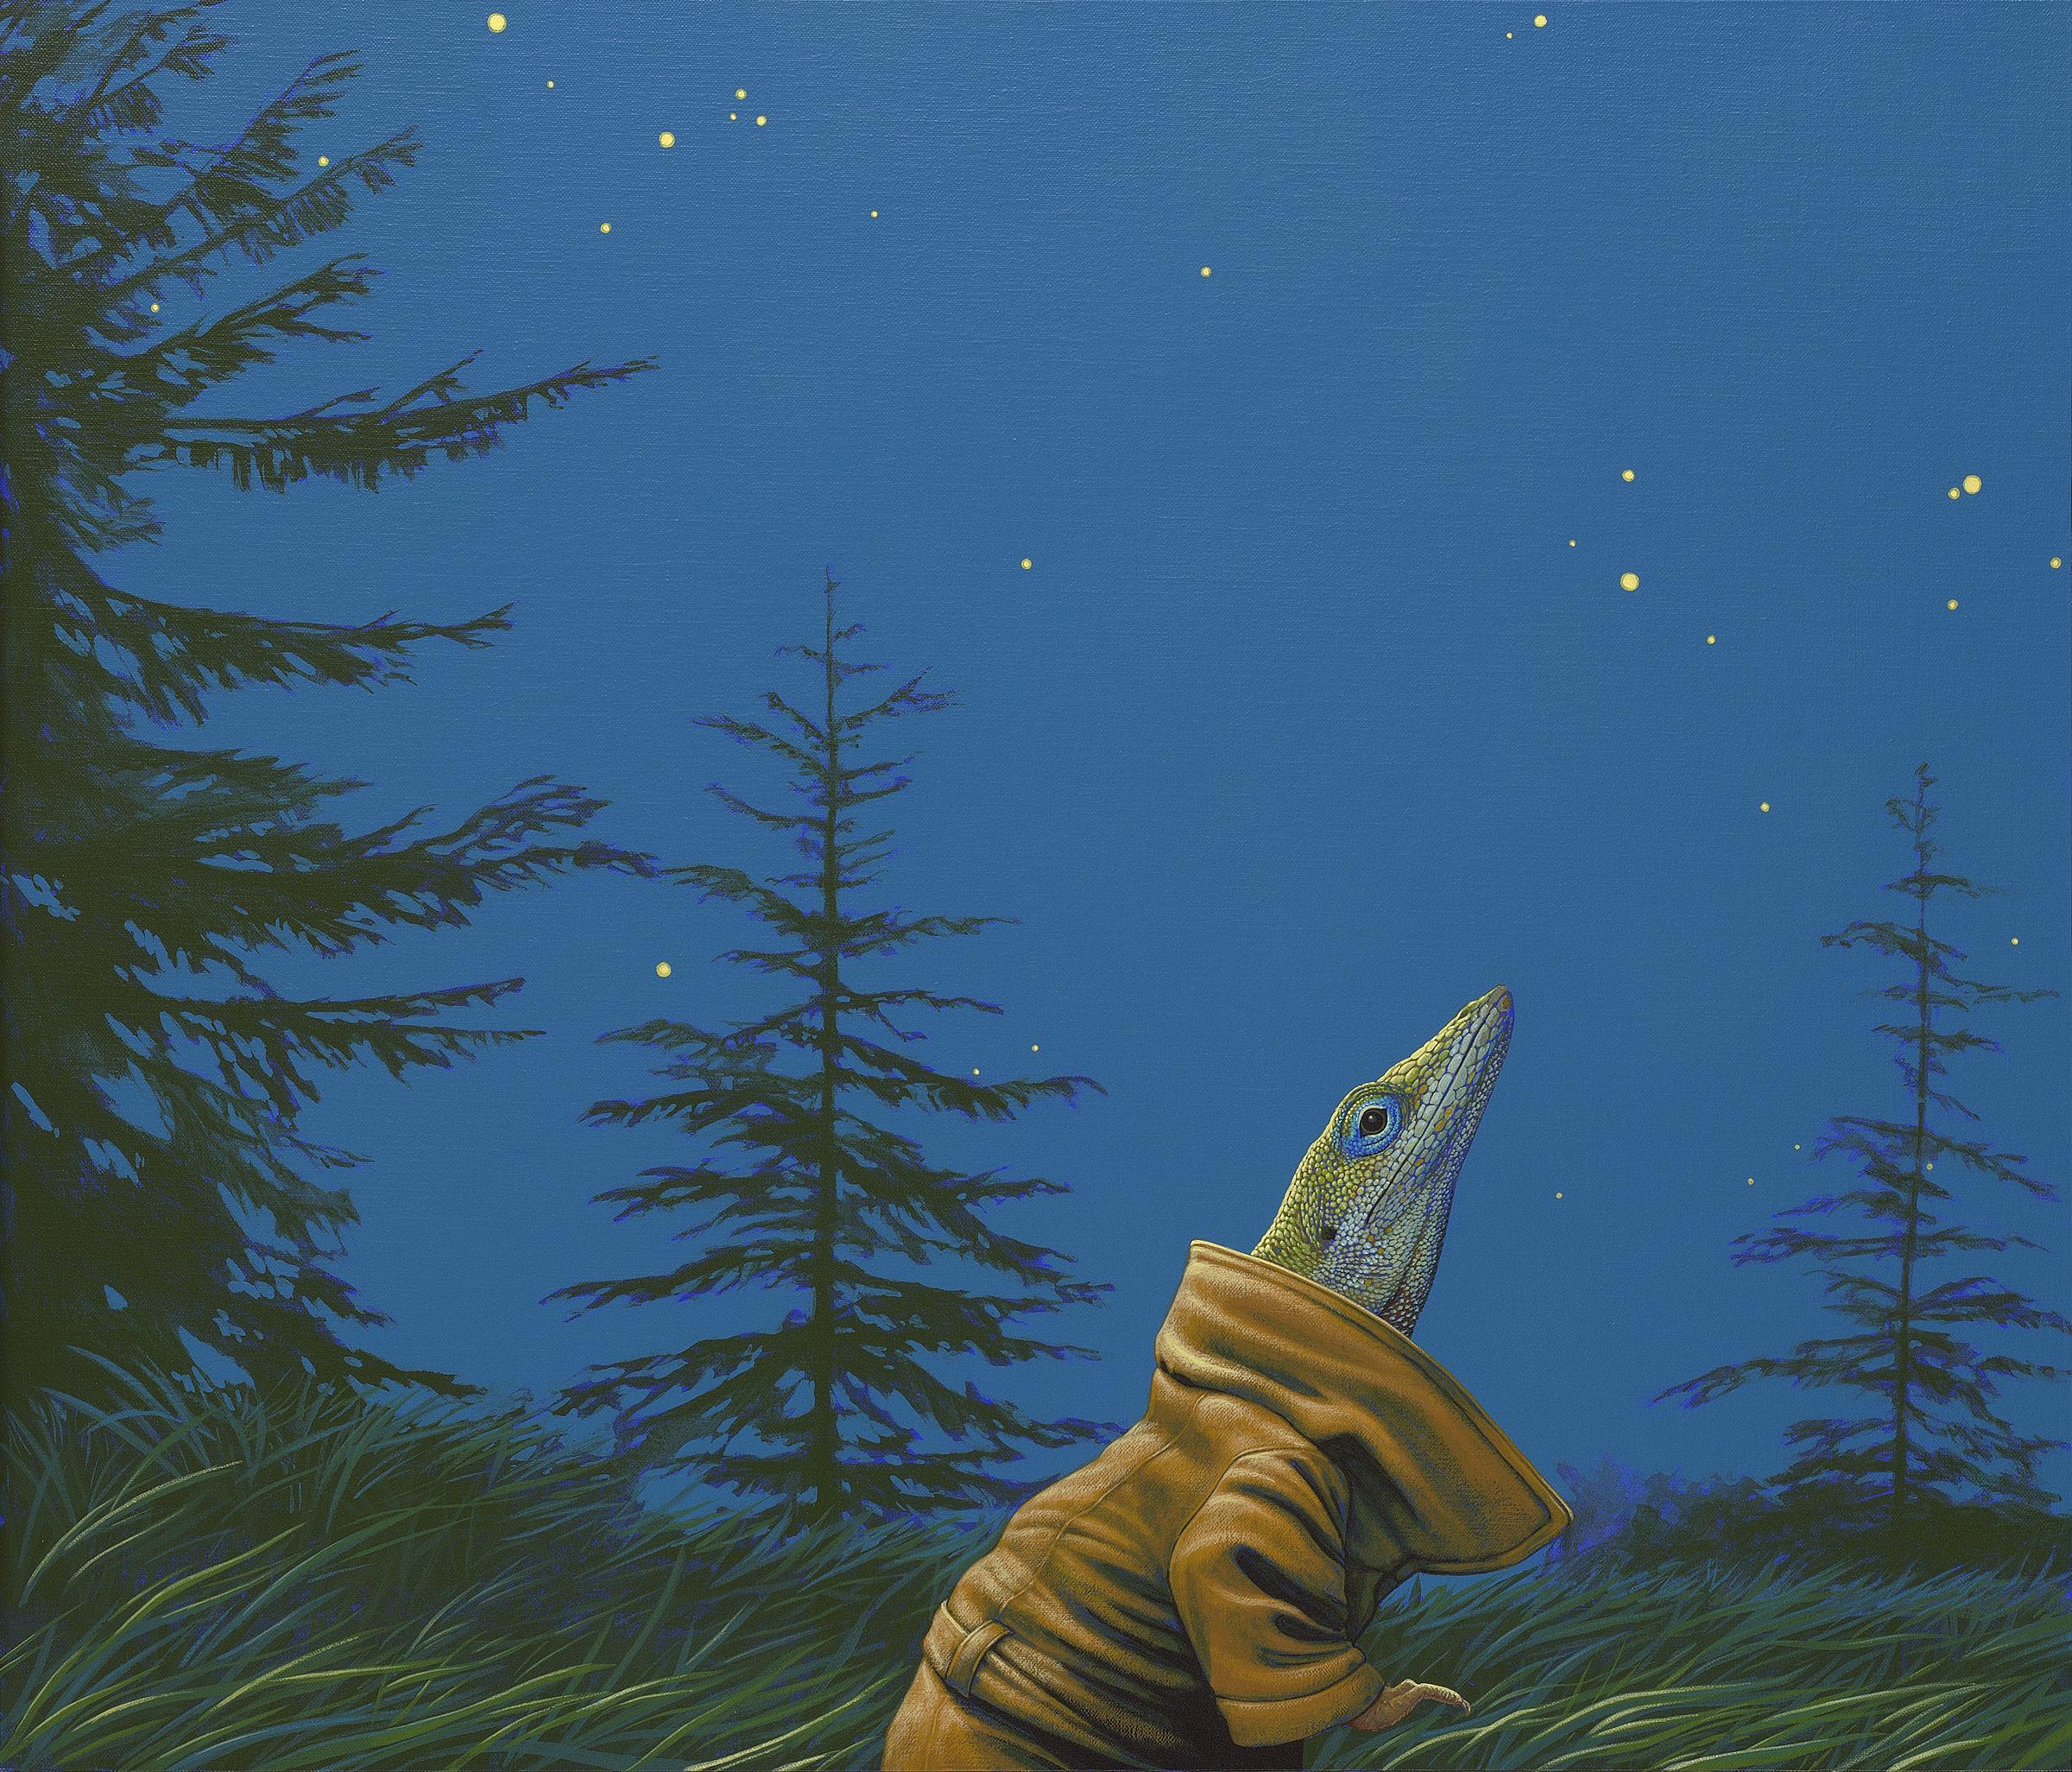 Звёздное небо и космос в картинках - Страница 3 Bm-px1k8RKM